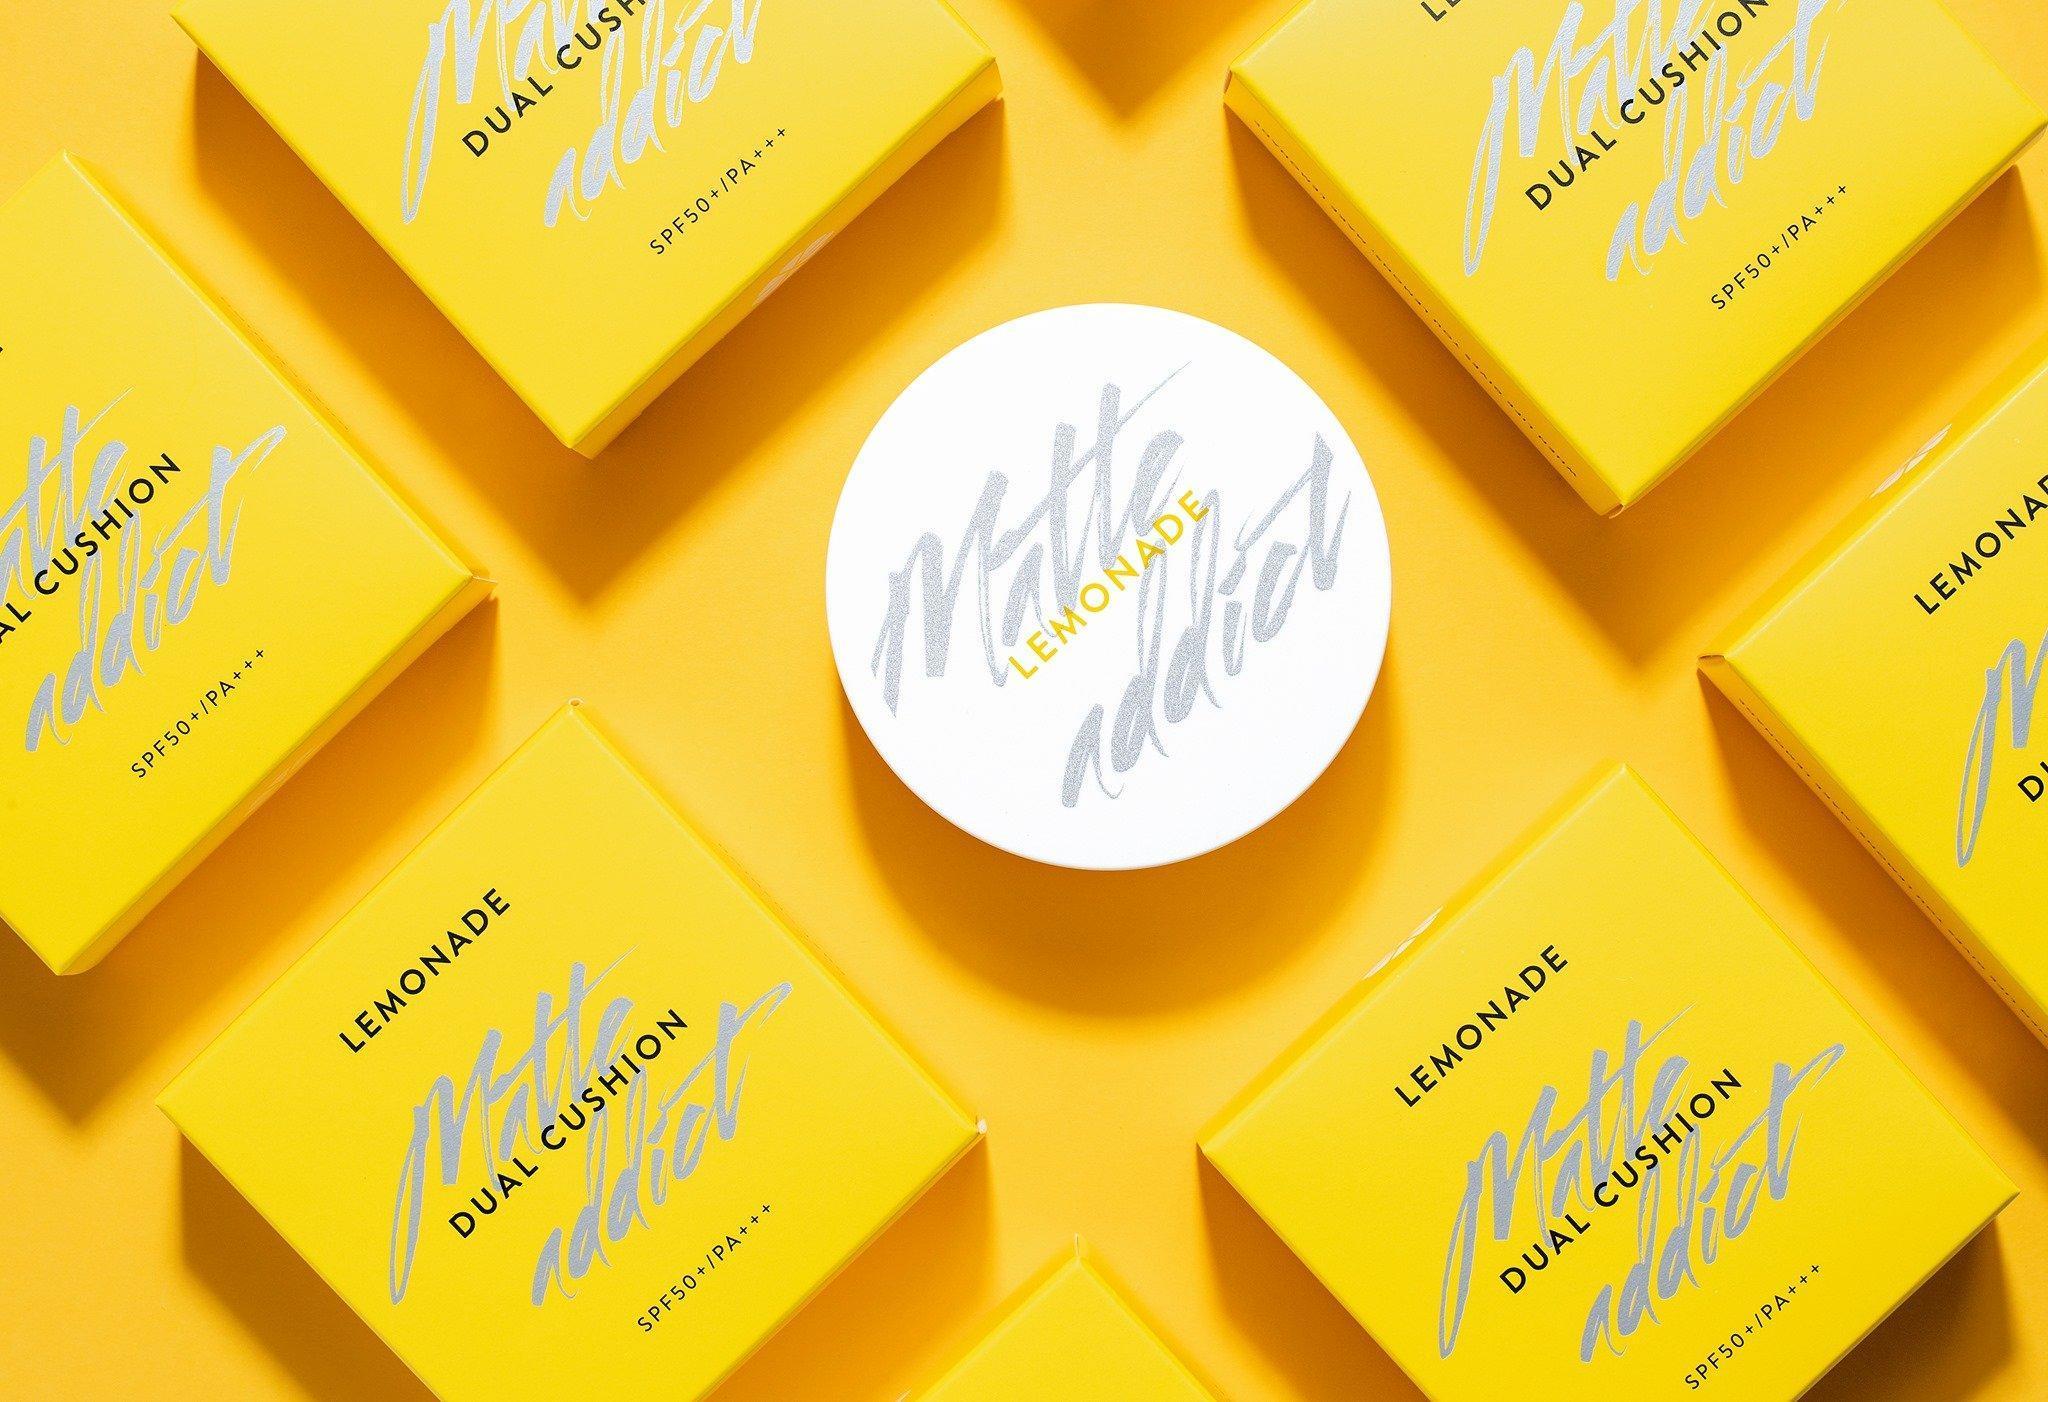 Cushion Lemonade Matte Addict Dual có thiết kế lõi kép mới lạ và đột phá (Ảnh: Internet)